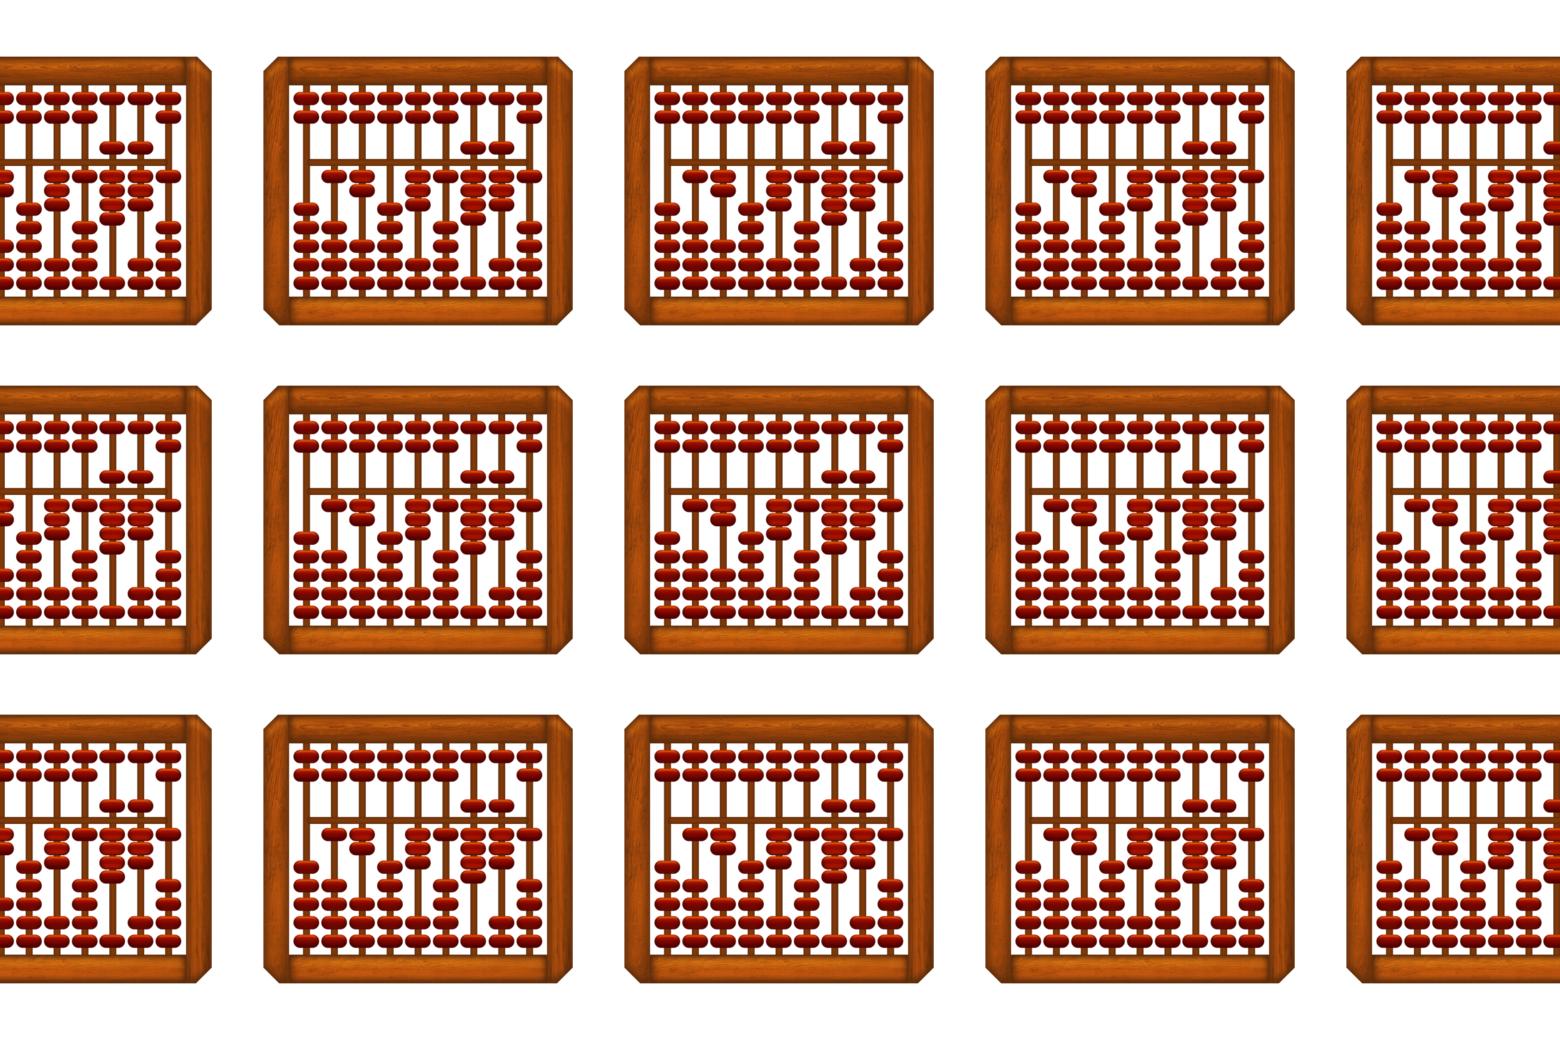 Abacus emojis.